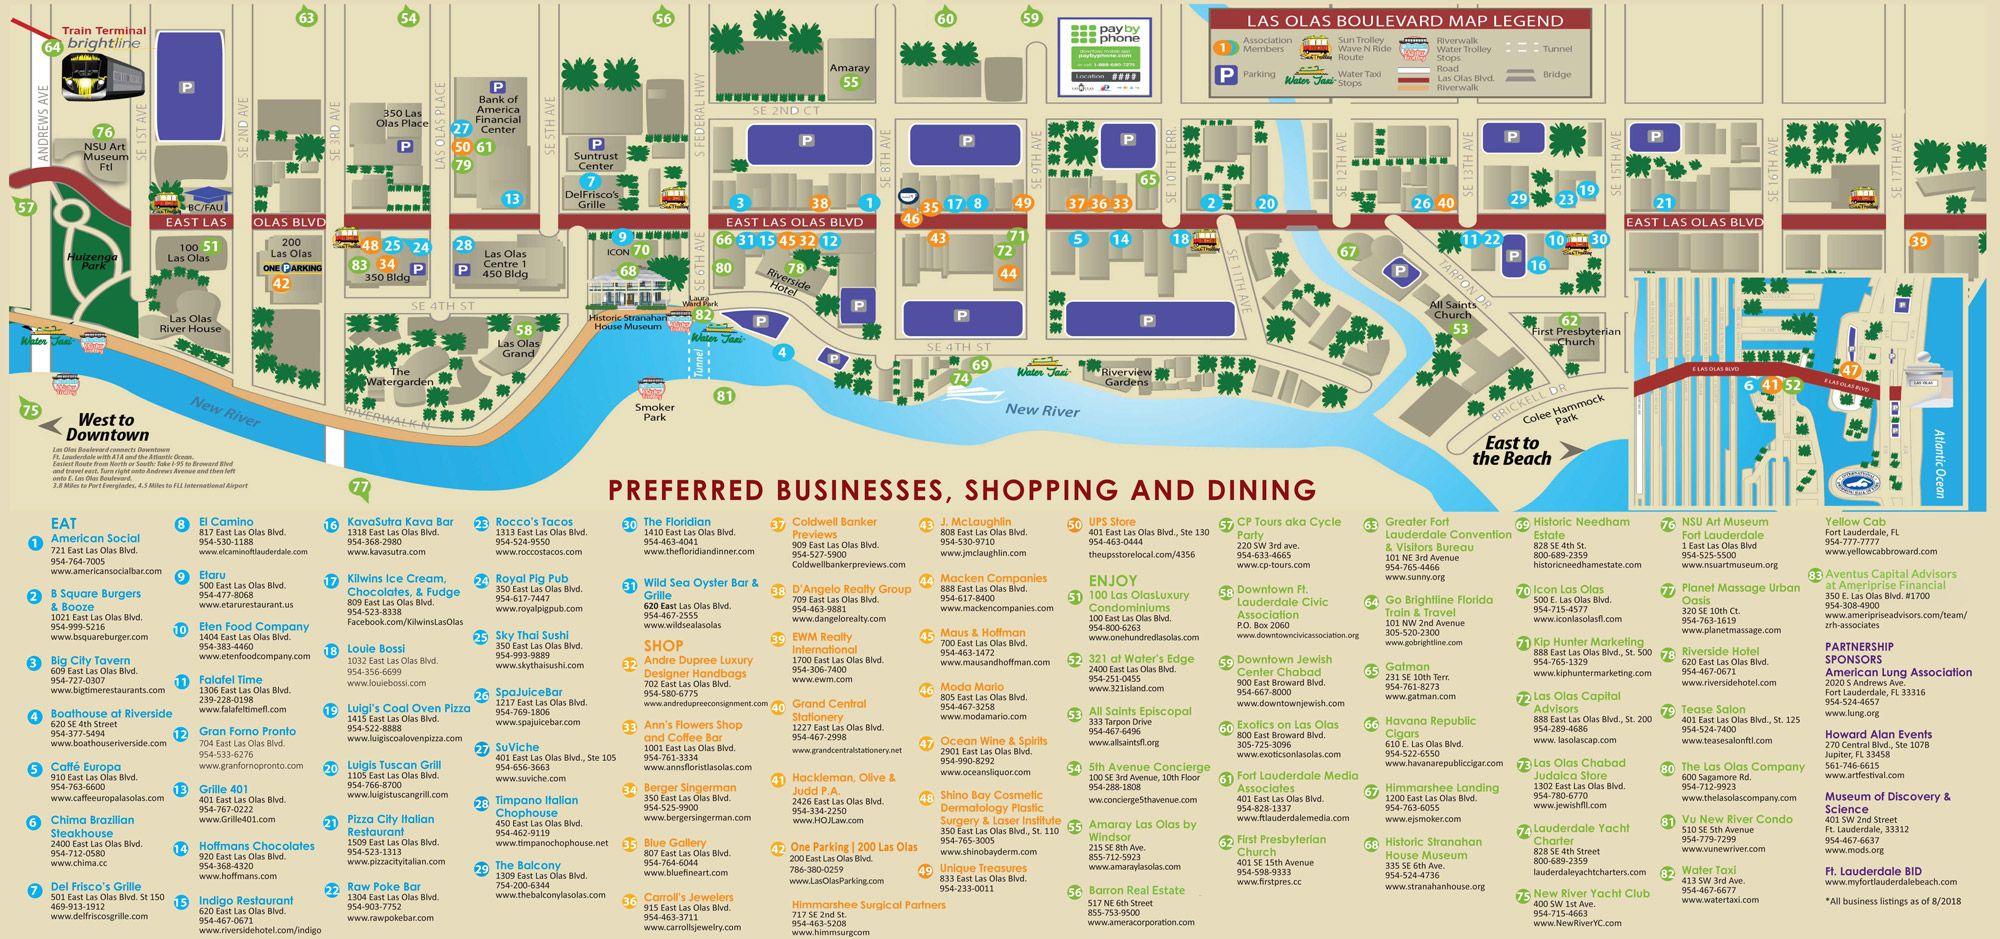 Las Olas Boulevard Fort Lauderdale Restaurants Shops